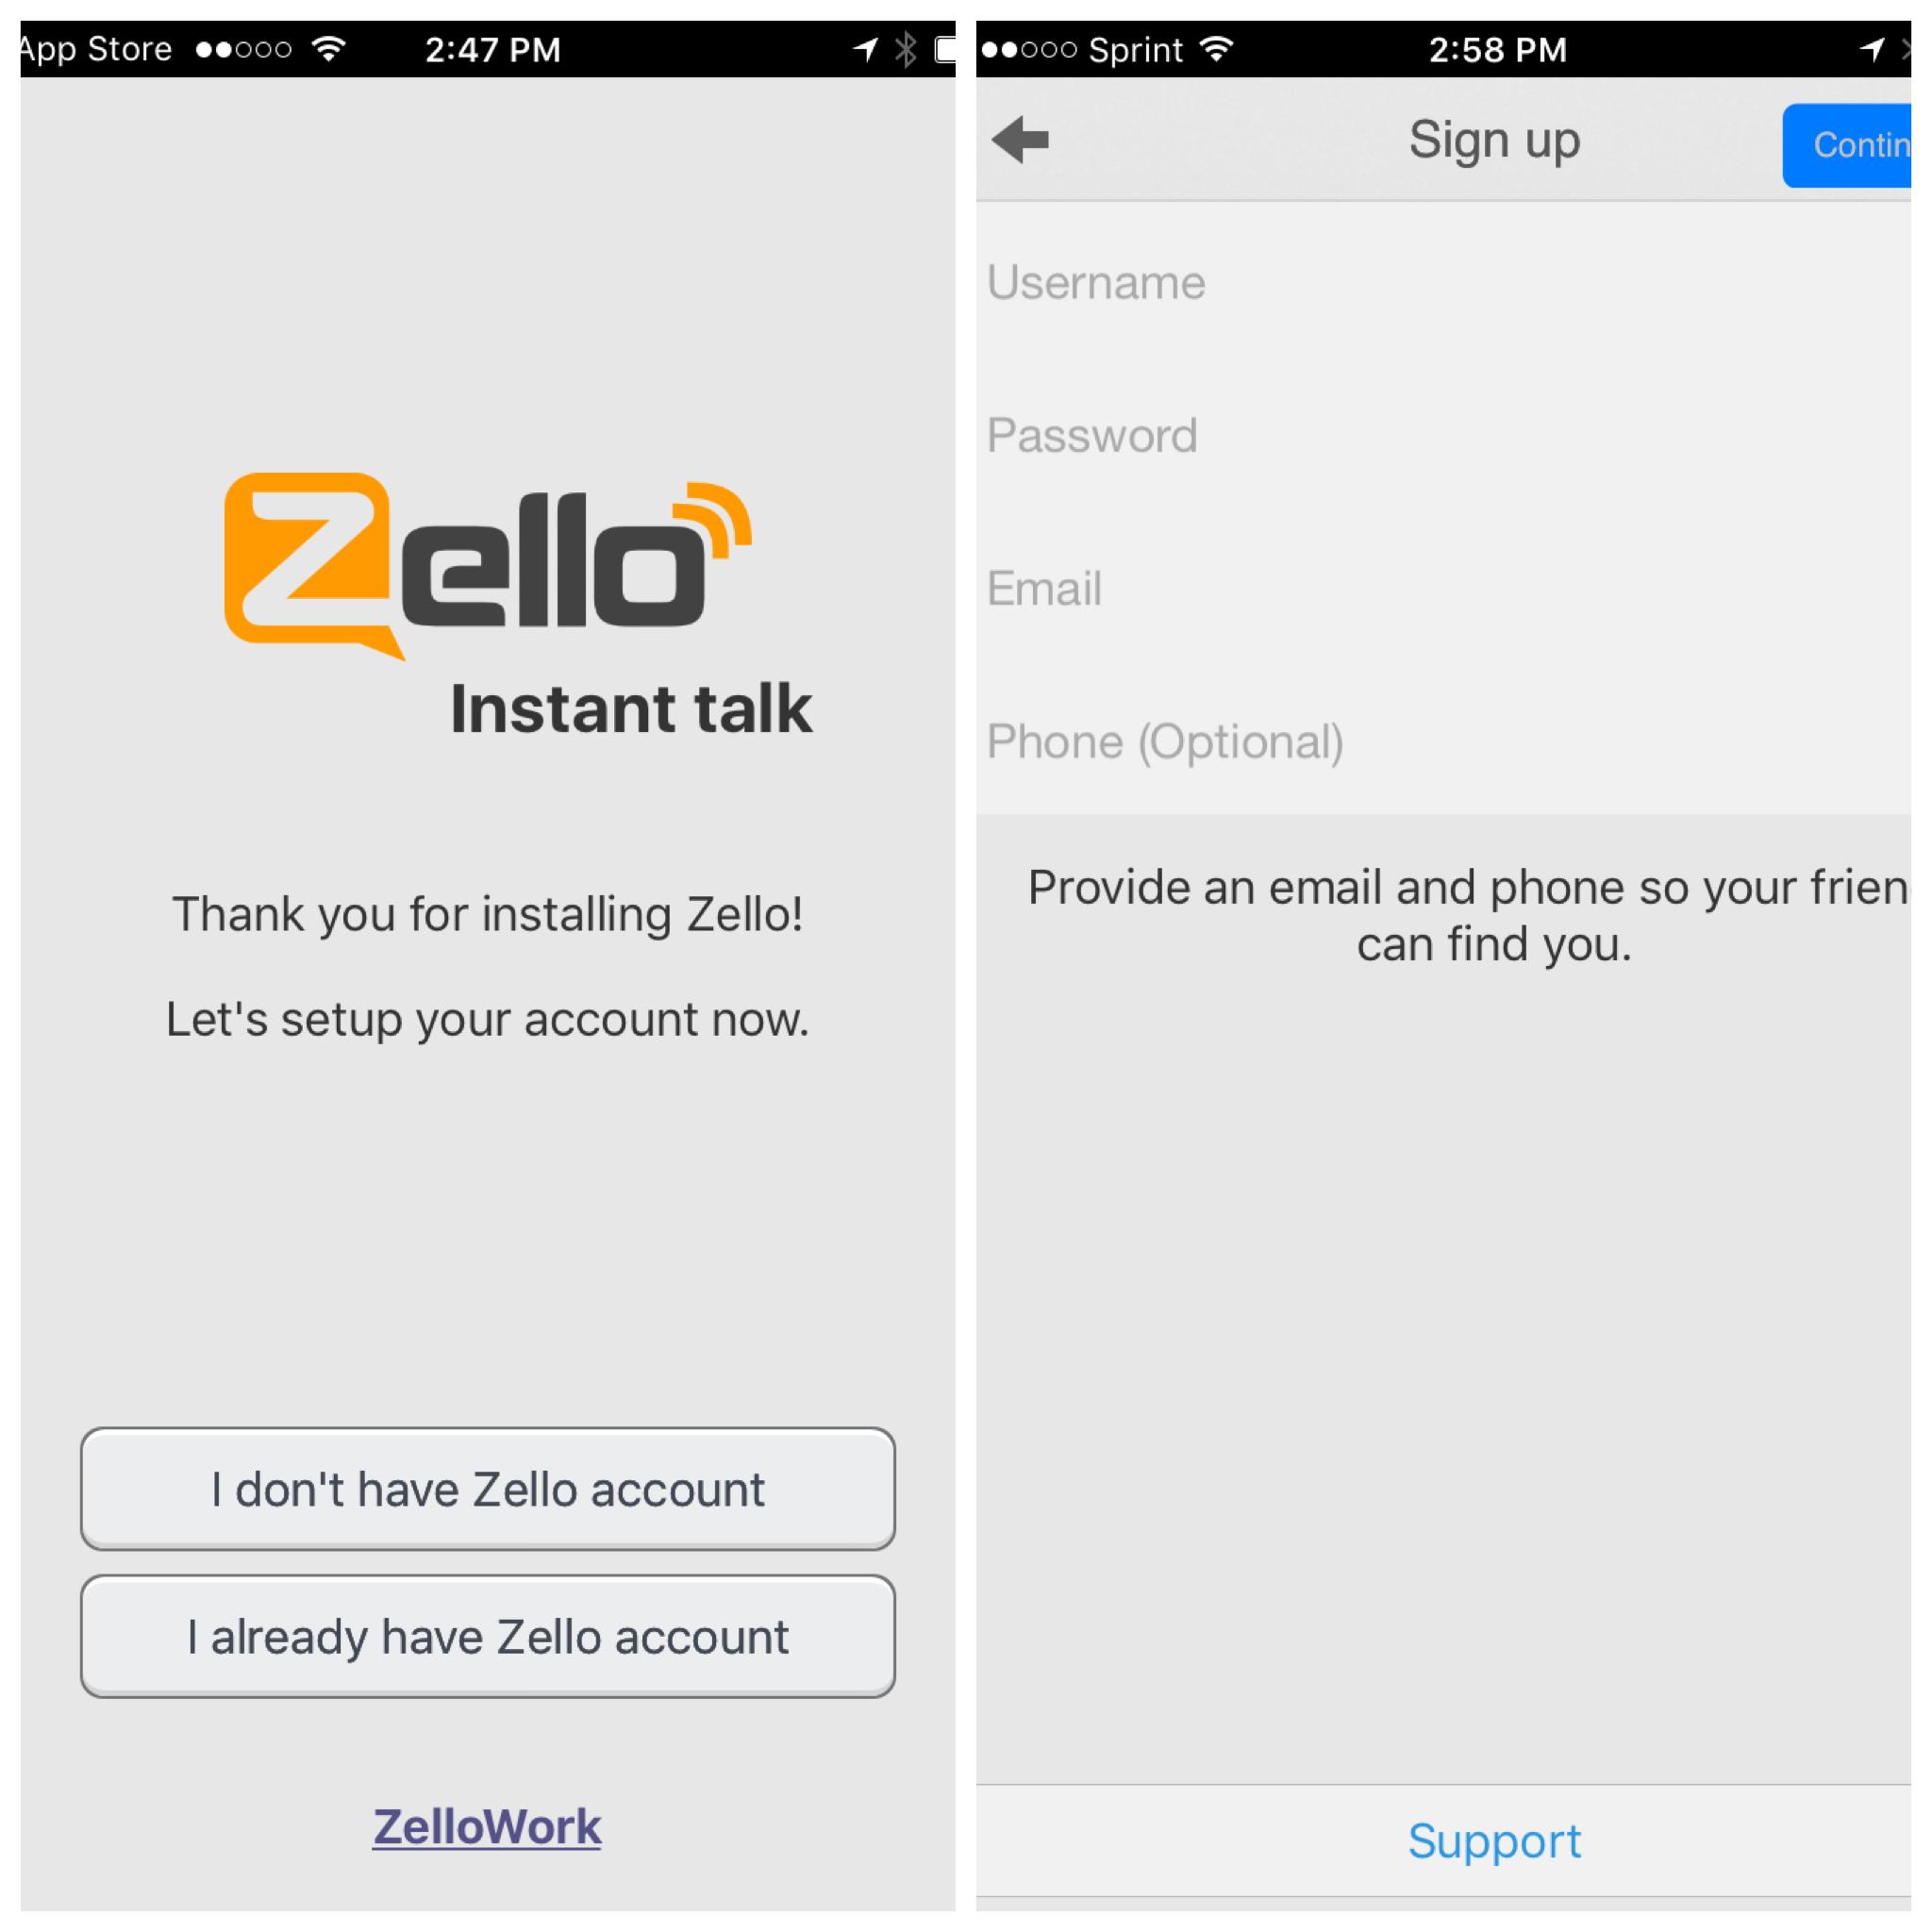 Zello 2